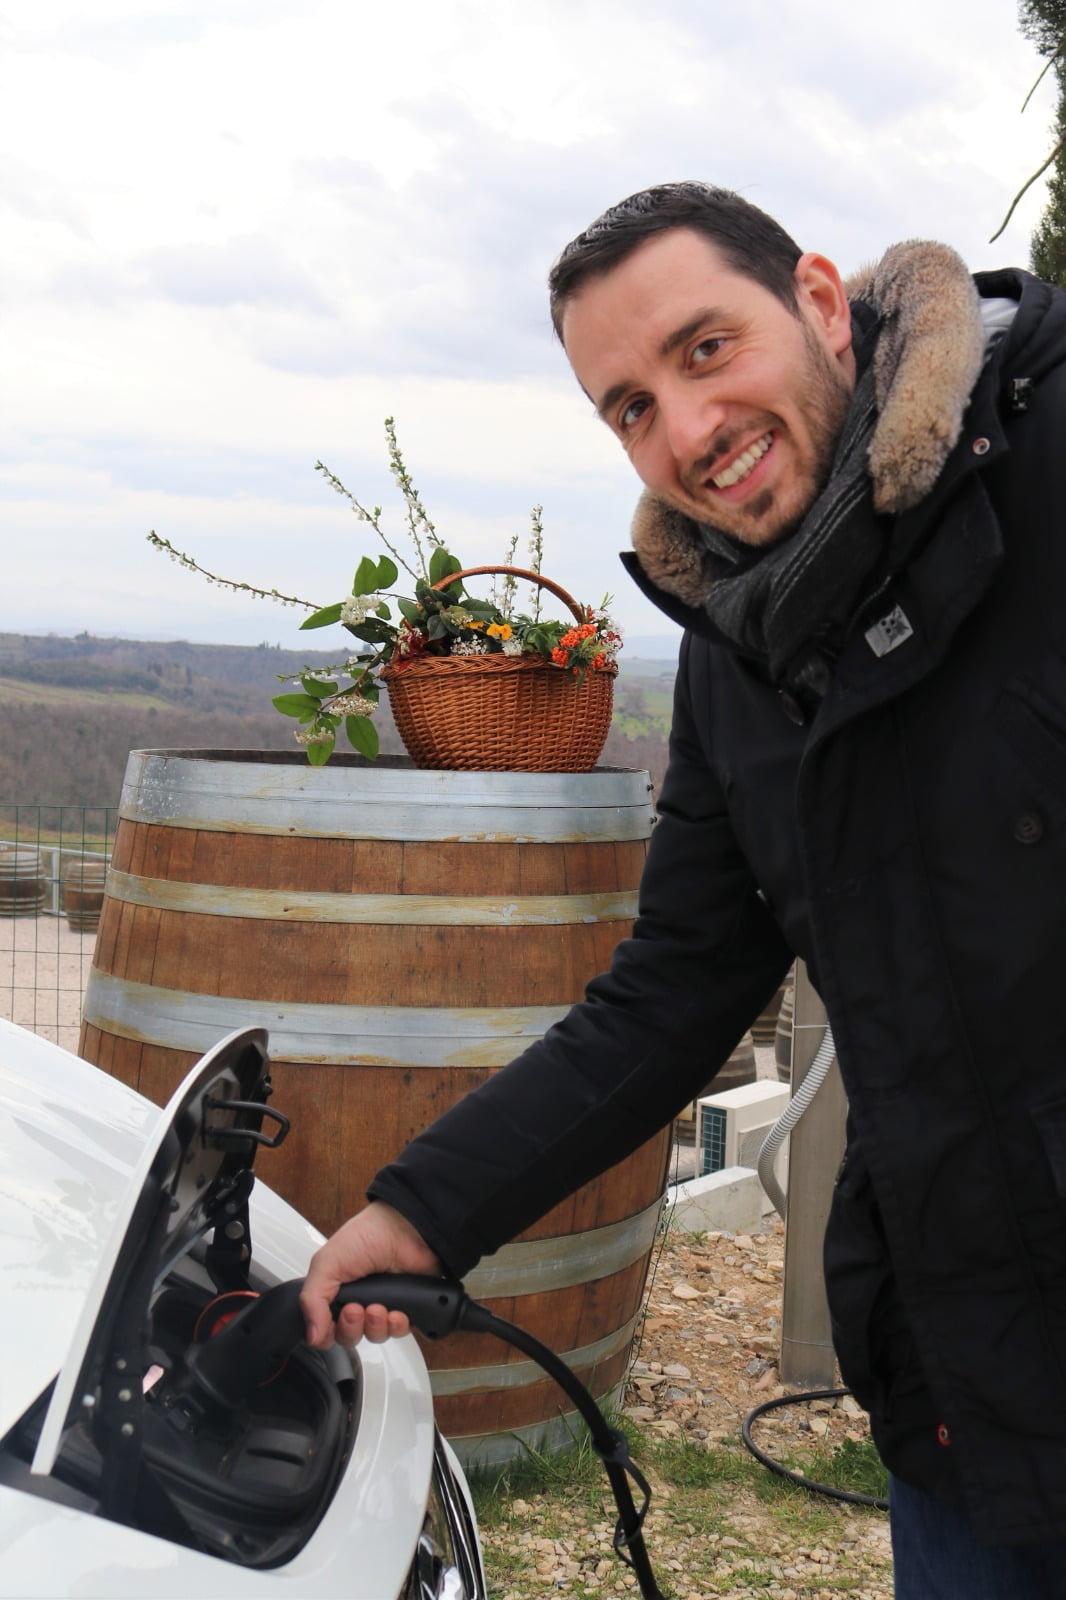 ricarica-elettrica-per-auto-alla-Fattoria-del-Colle-con-Enrico-Pelagatti